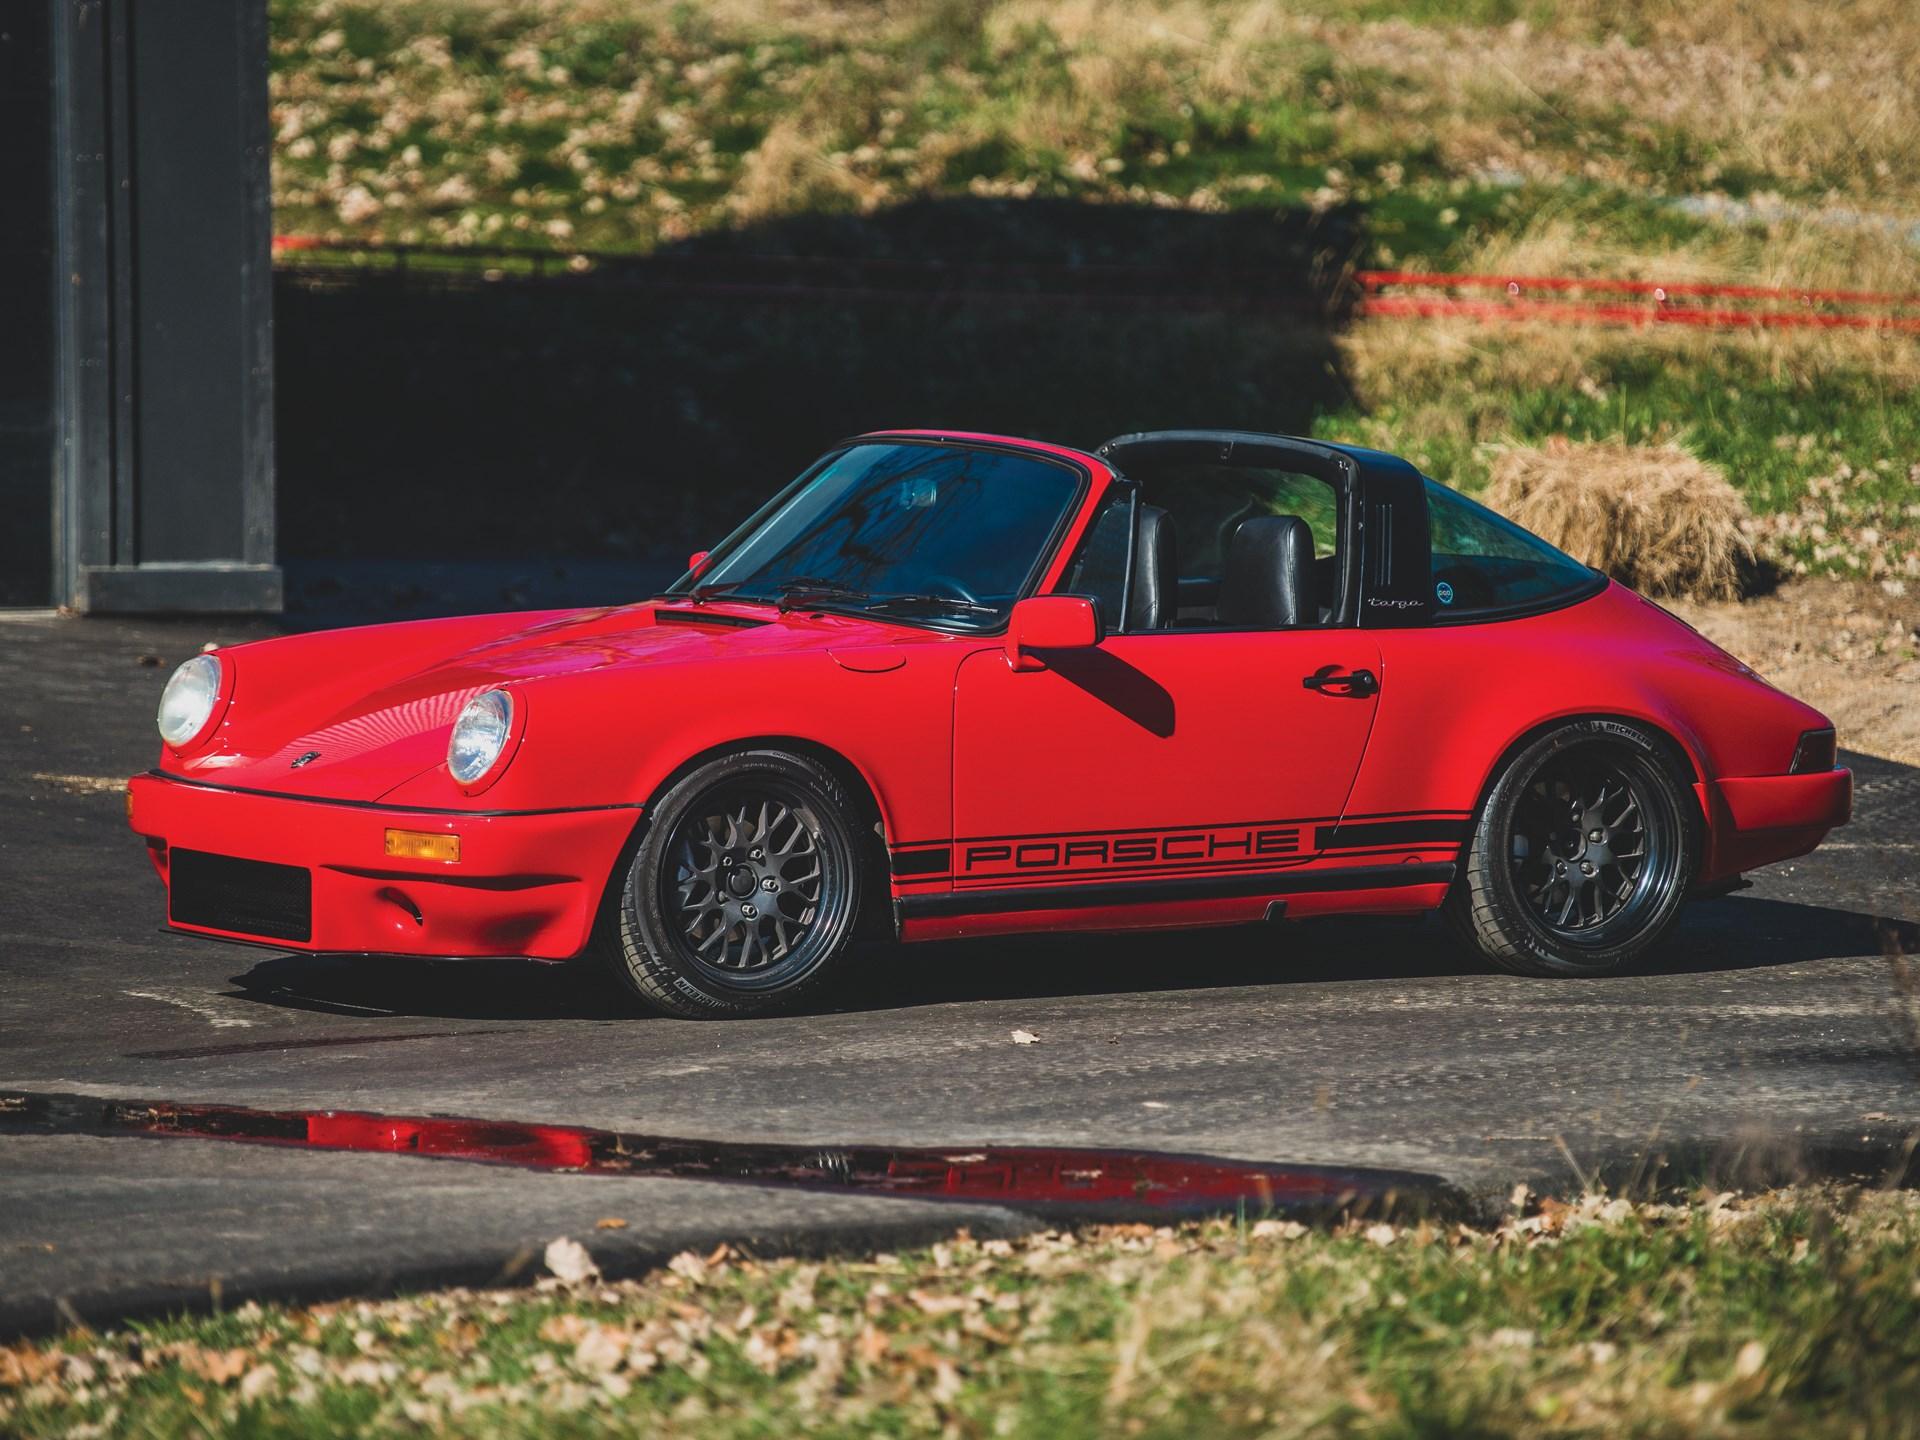 1986 Porsche 911 Carrera Targa 'Outlaw'